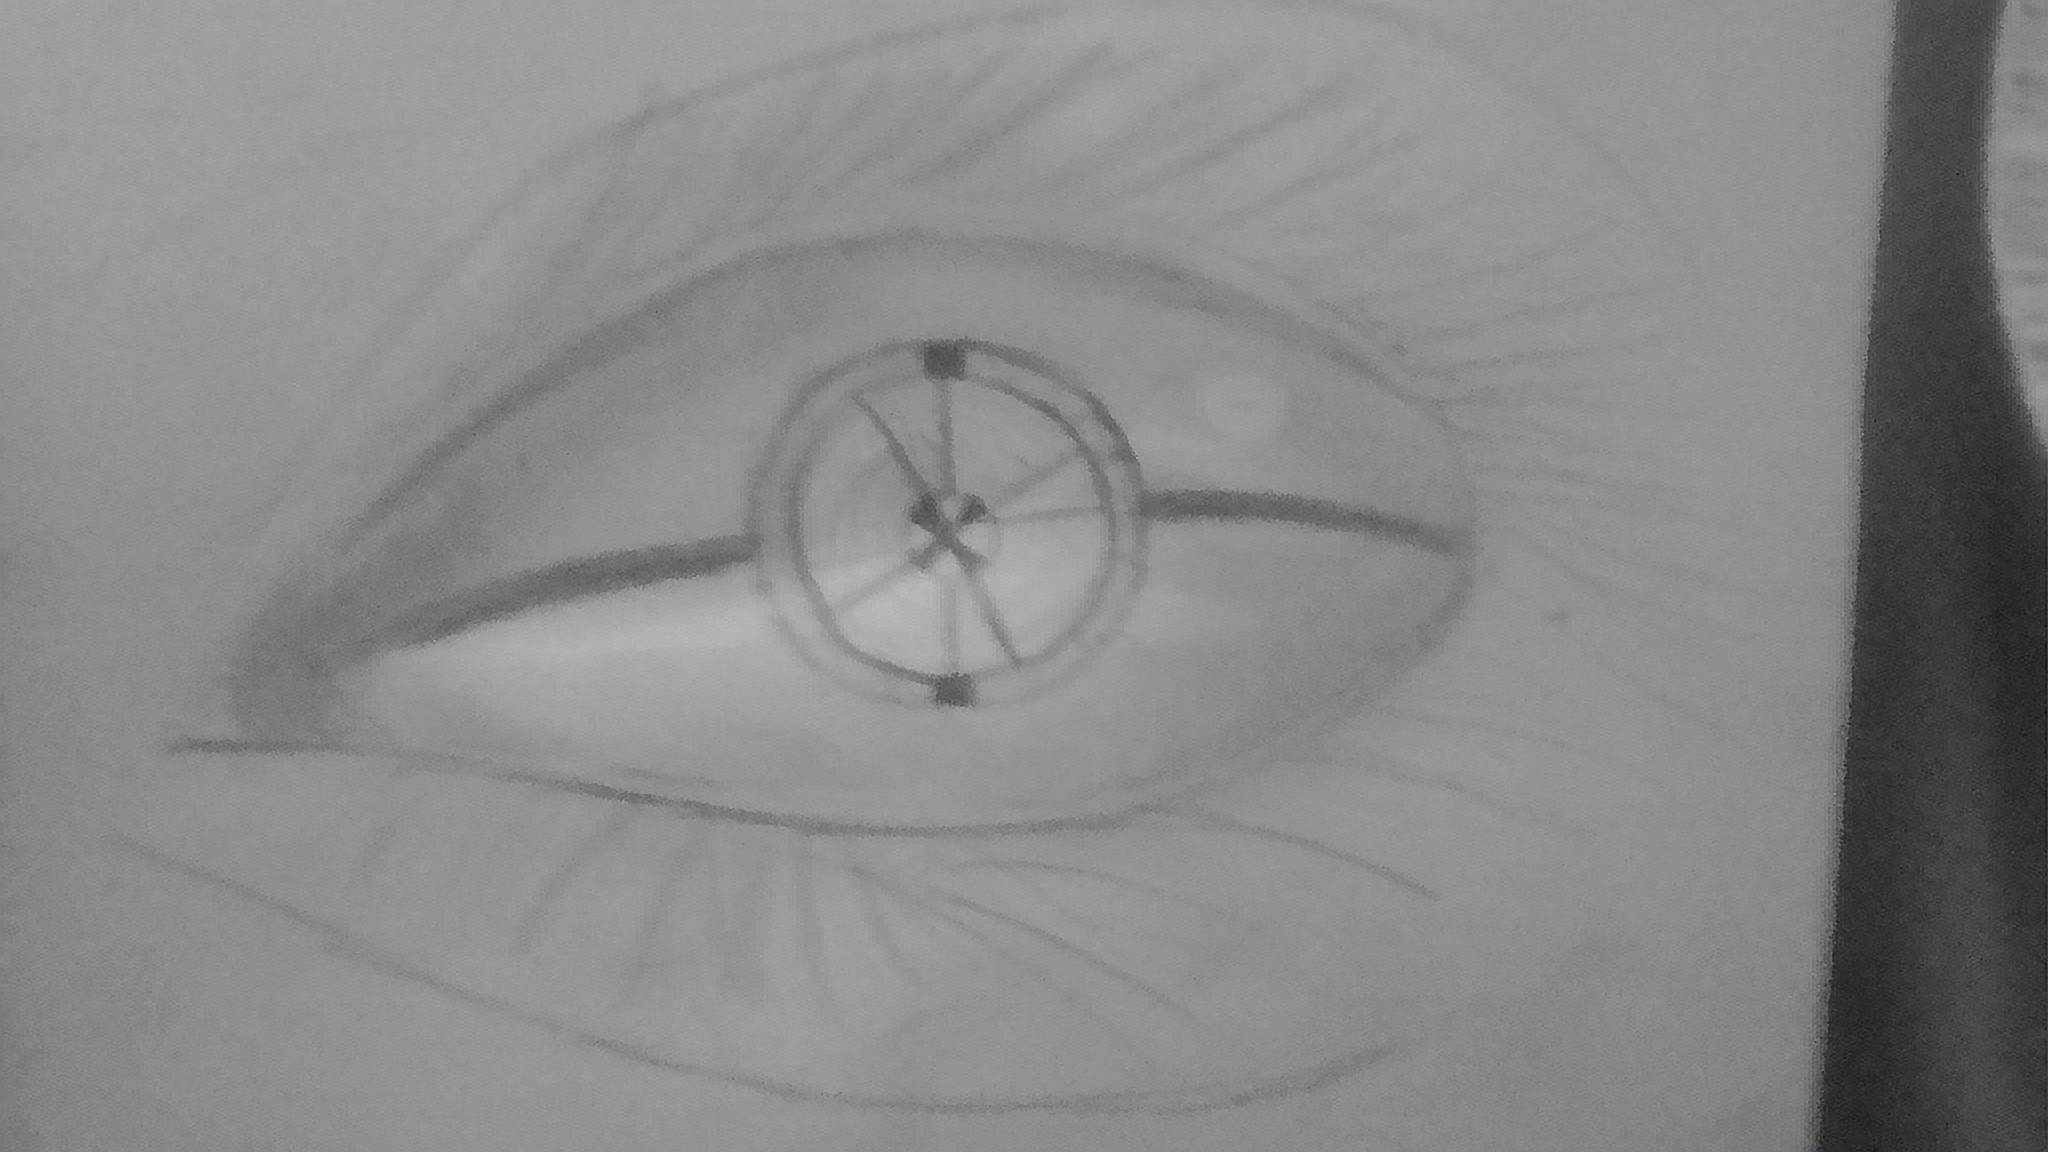 cyber eye